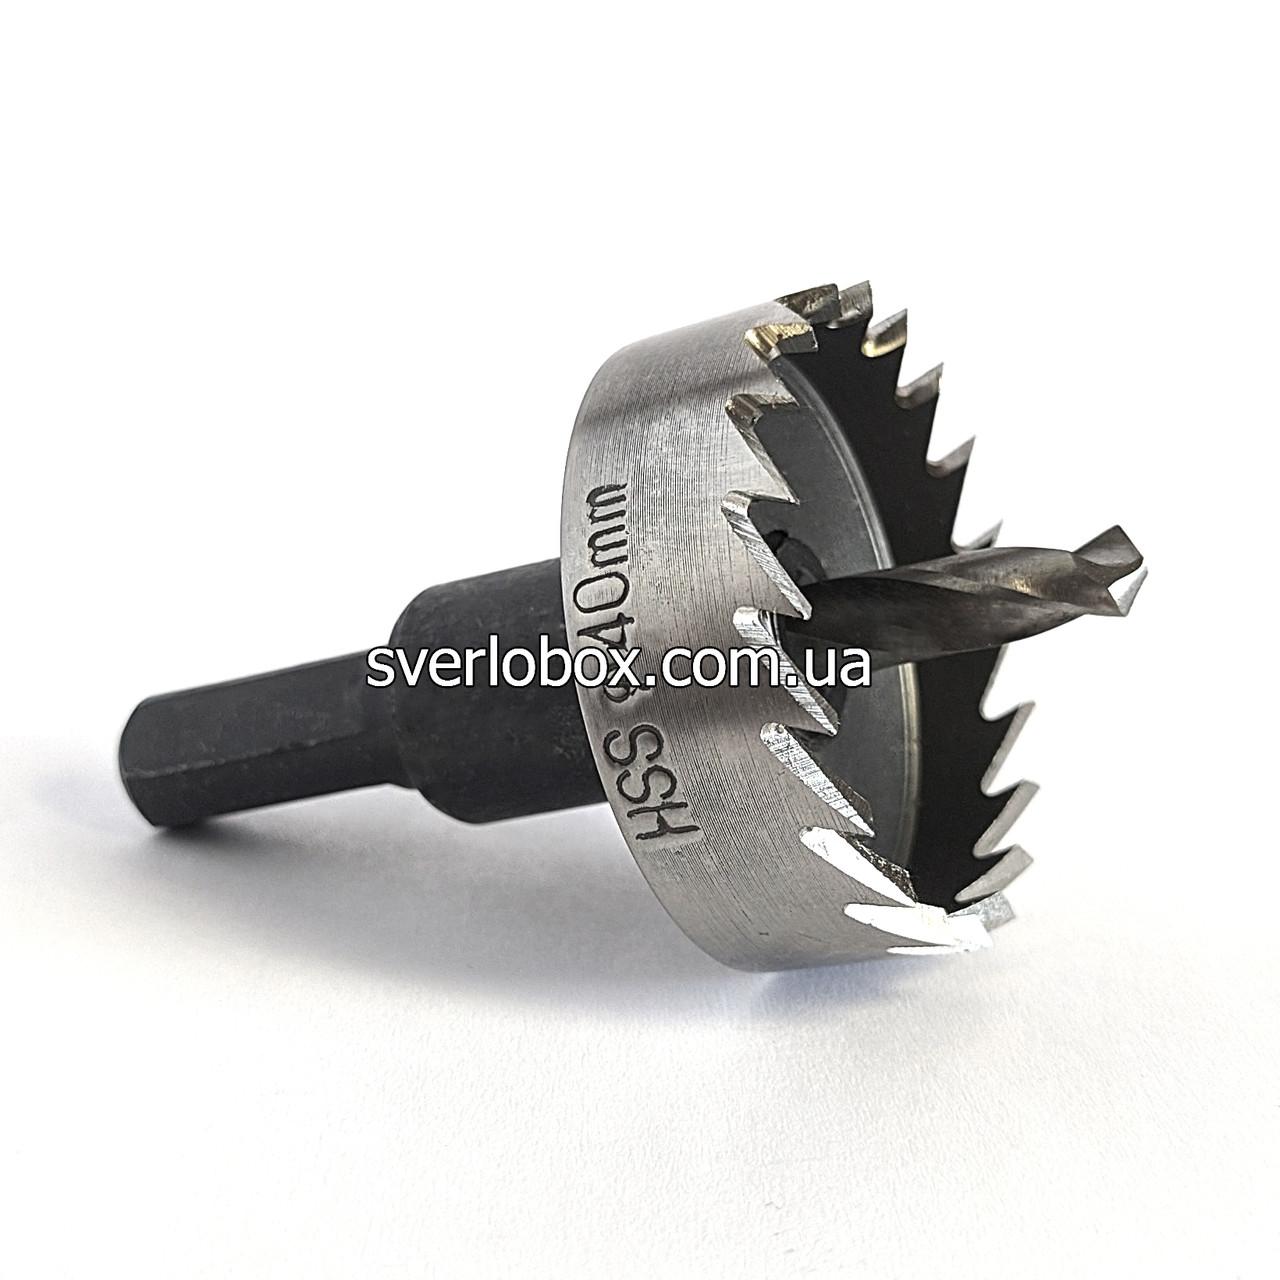 Коронка по металу 14 мм . Коронка фрезчатая 14 мм по металу (HSS)